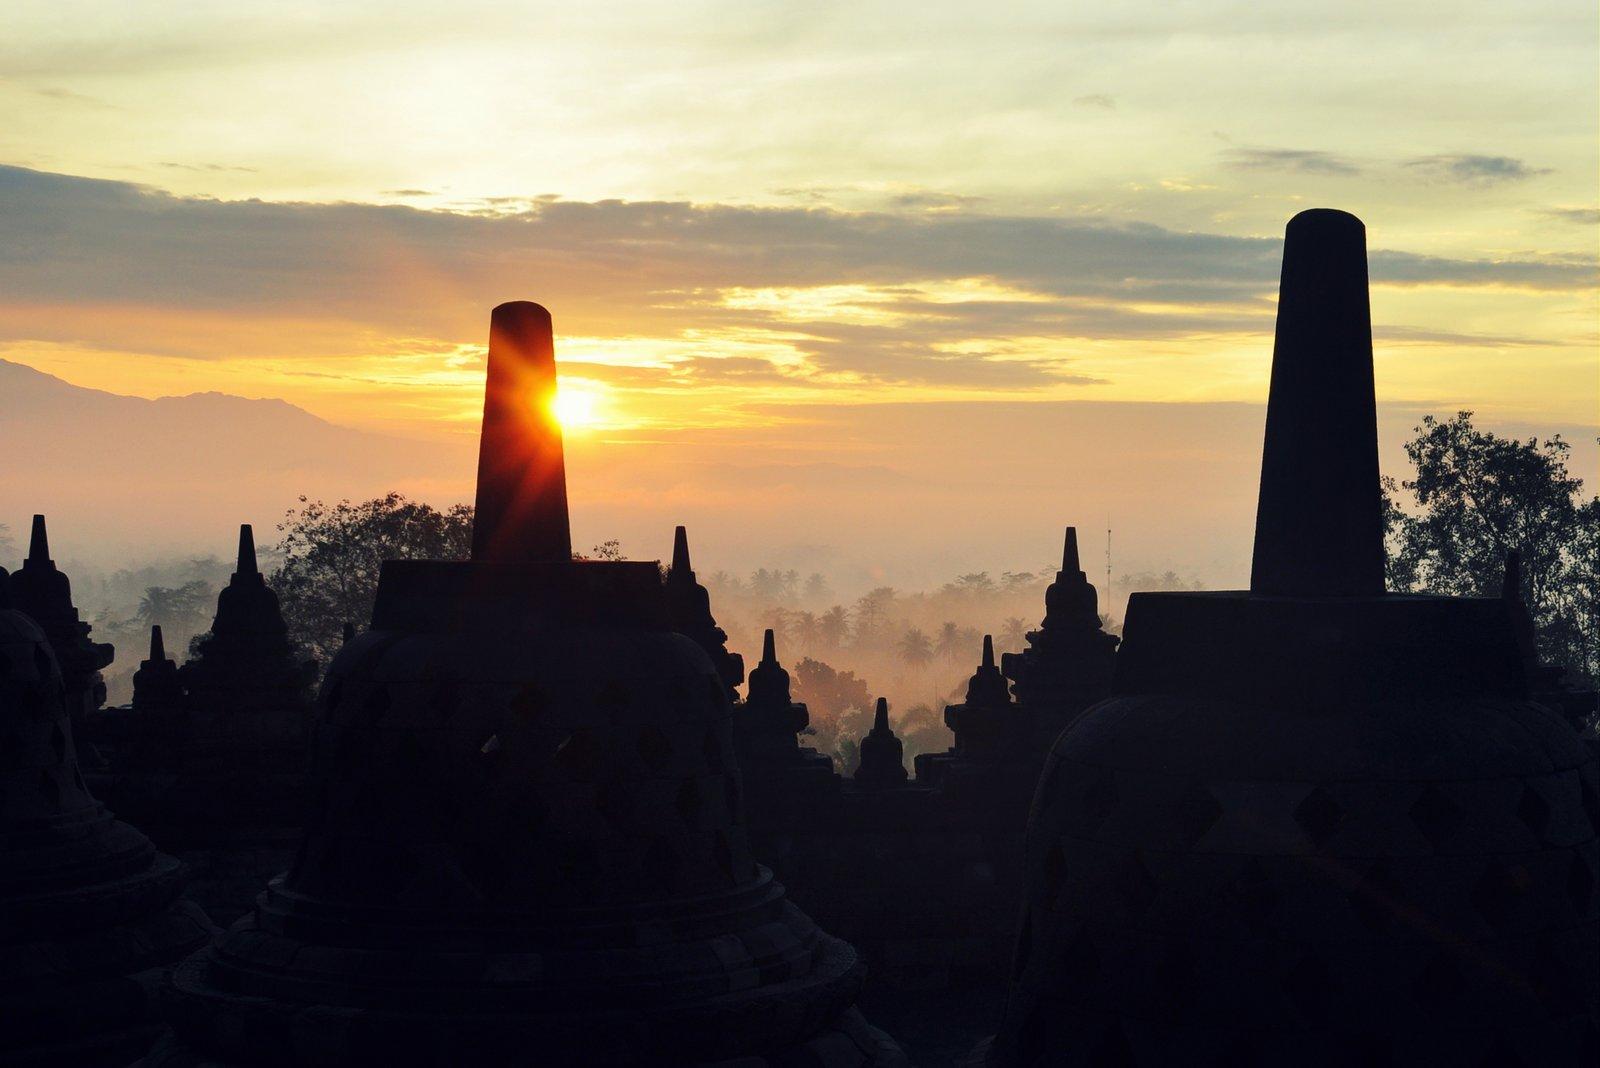 Lever du soleil sur le temple de Borobudur en Indonésie